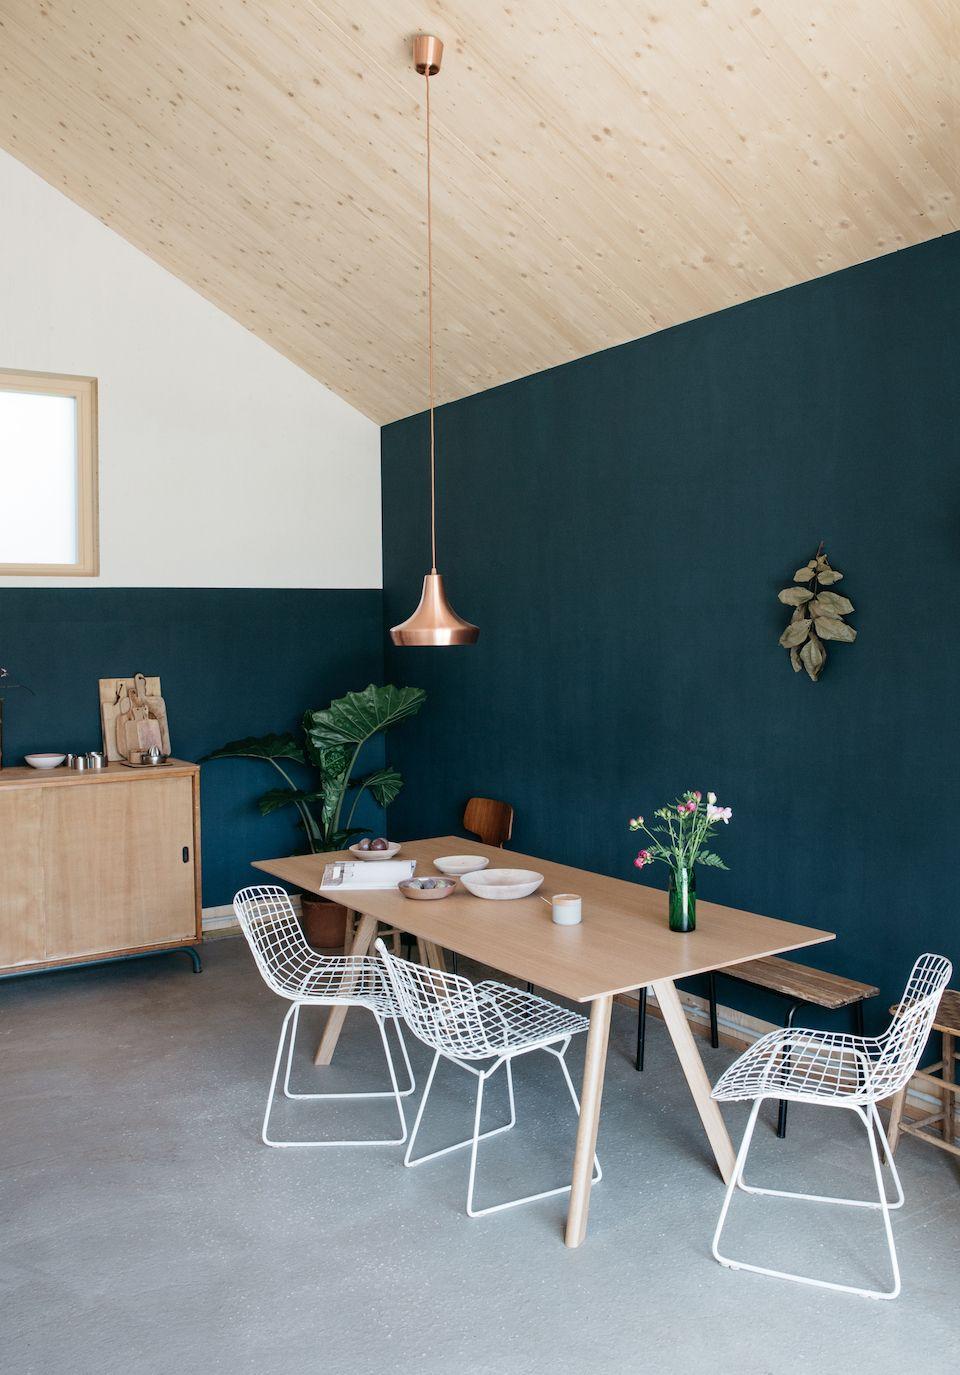 Association Couleur Peinture Salon Salle À Manger chez aurélie lécuyer | salle à manger bleue, déco salle à